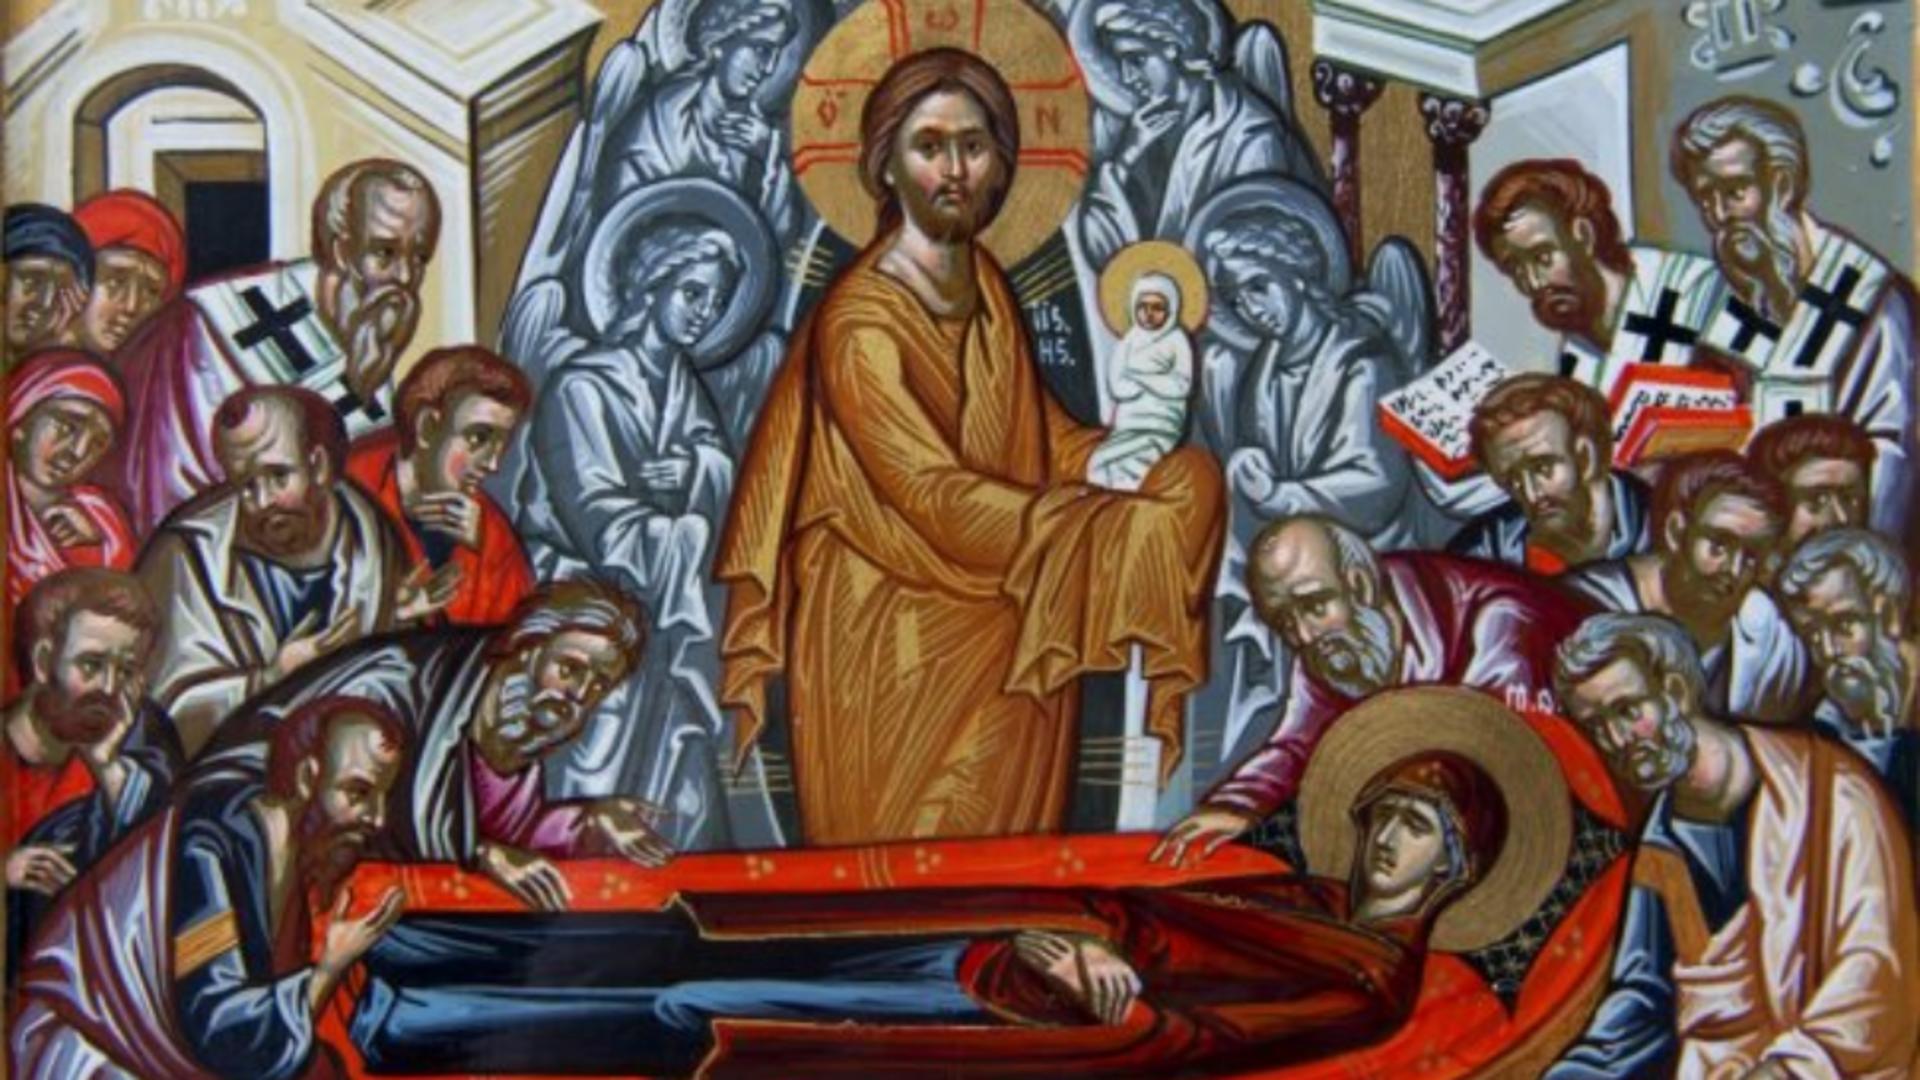 Adormirea Maicii Domnului. Semnificațiile zilei de 15 august - Sfânta Maria